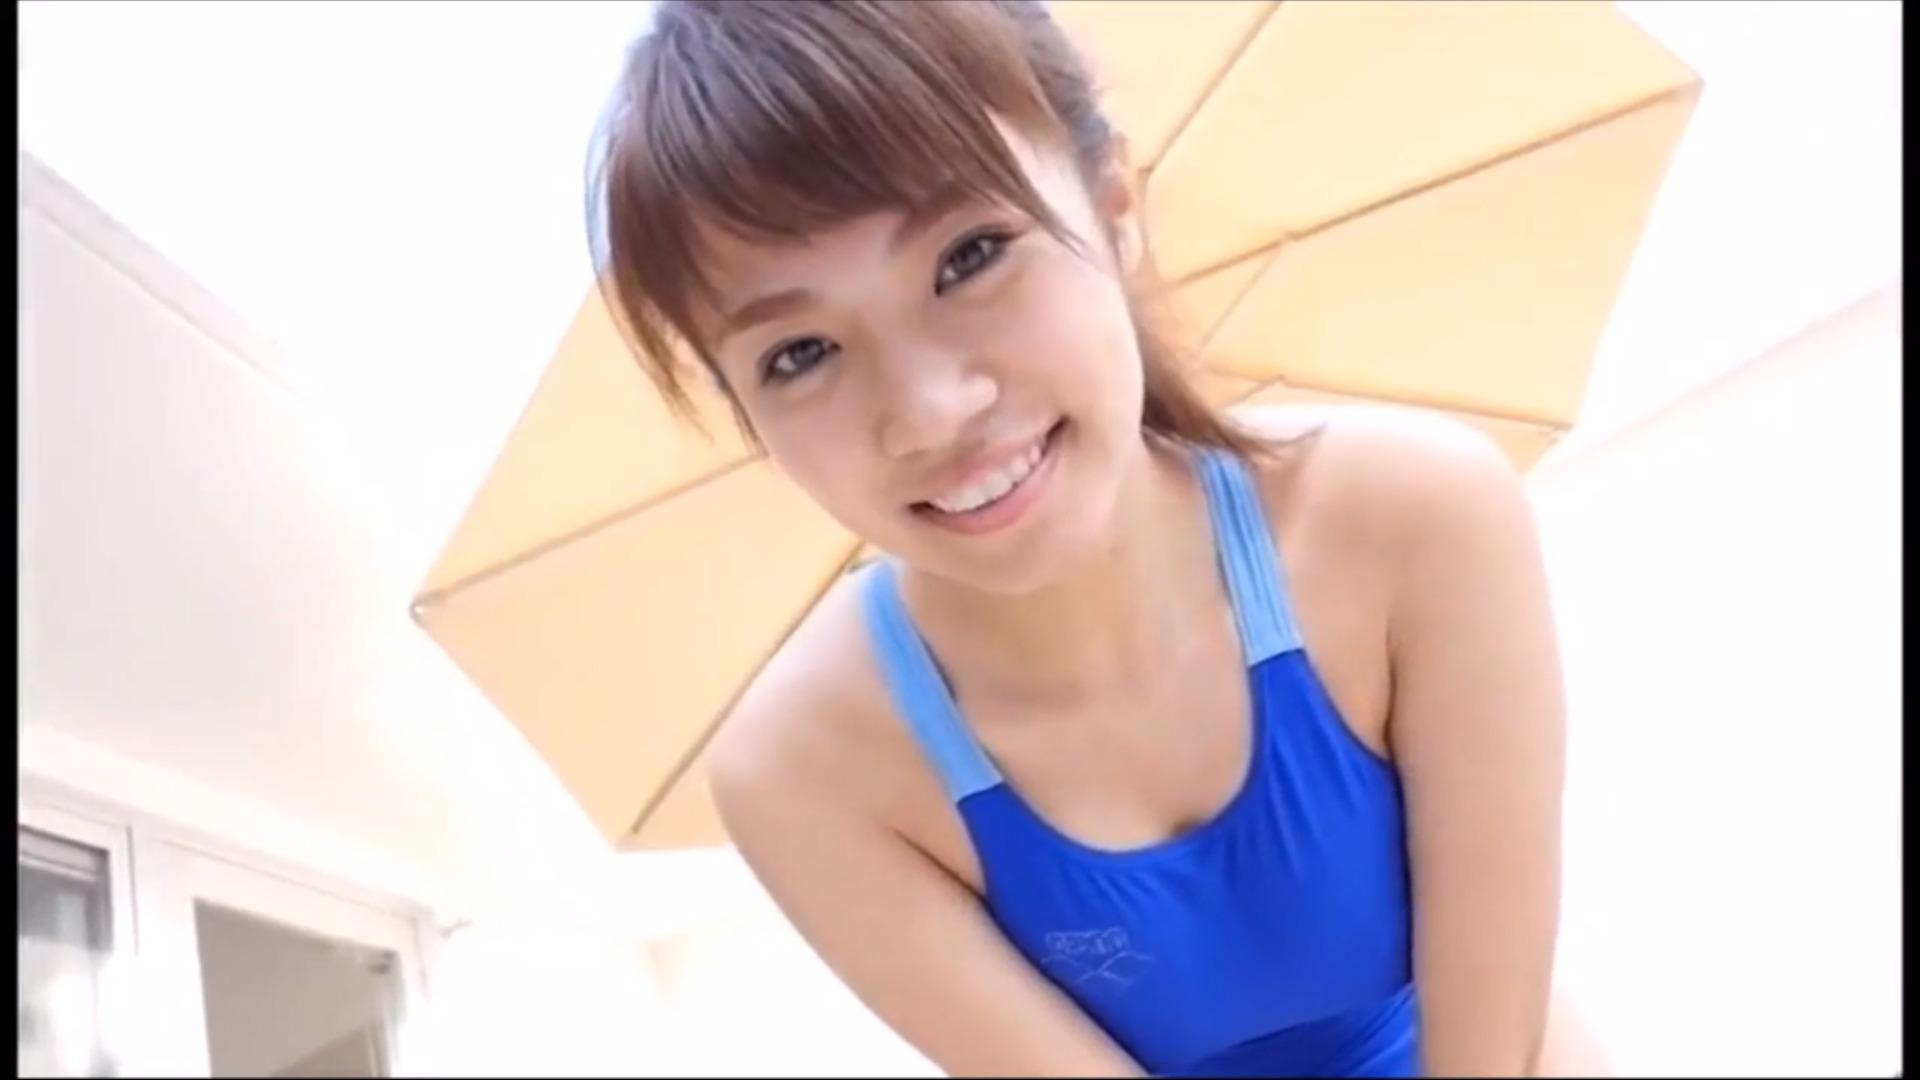 【菜乃花】Iカップ30 一緒にらぶらぶジュース!可愛らしさとハイレグ競泳水着姿!